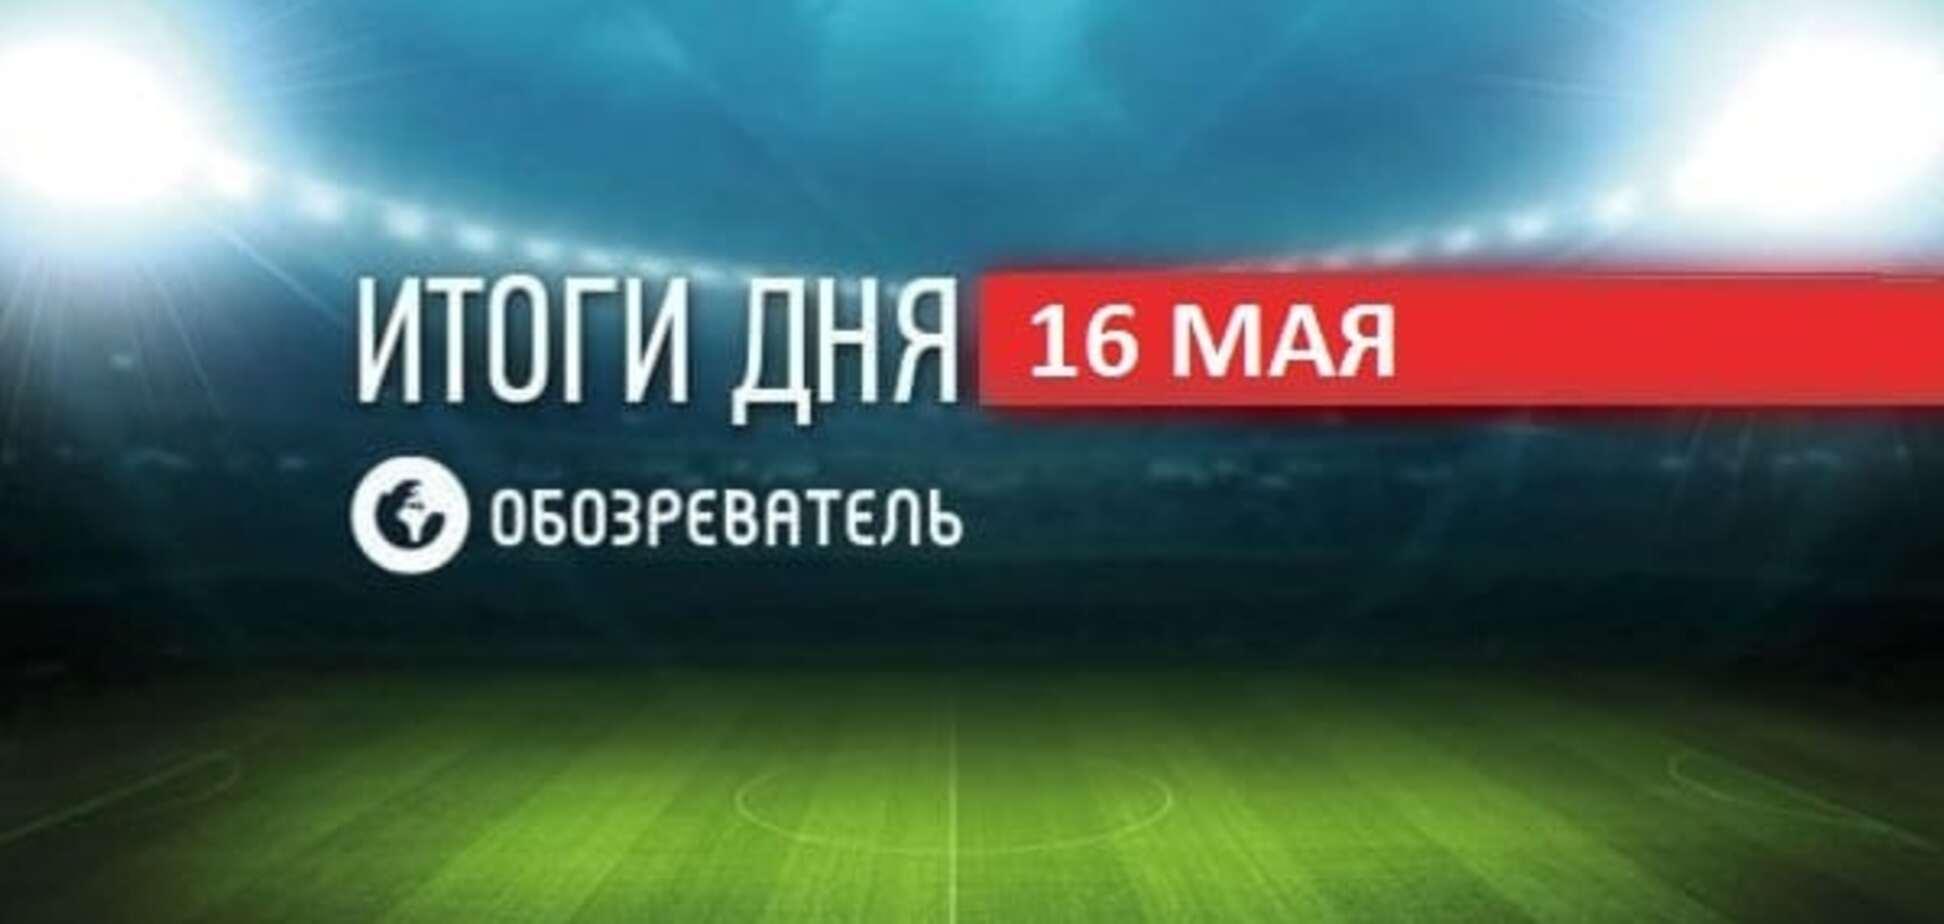 Коломойський вирішив майбутнє 'Дніпра'. Спортивні підсумки за 16 травня